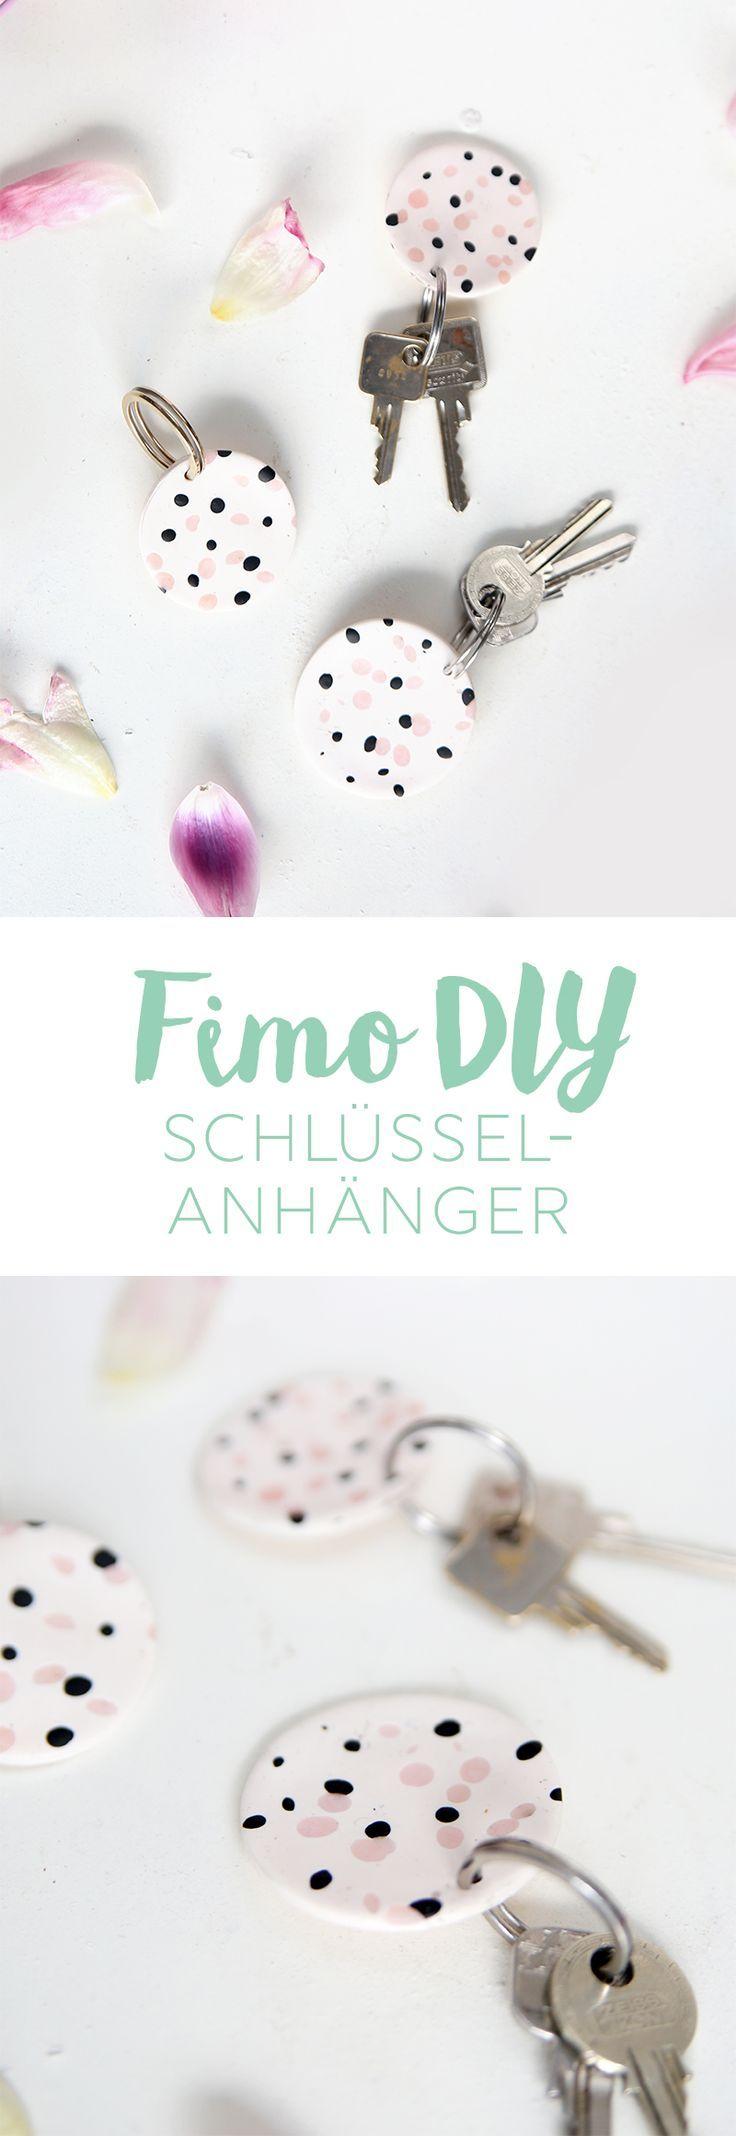 Kreative DIY Idee: Selbstgemachte Schlüsselanhänger aus Fimo / Polymer Clay mit Sprenkeln. Süße DIY Geschenkidee